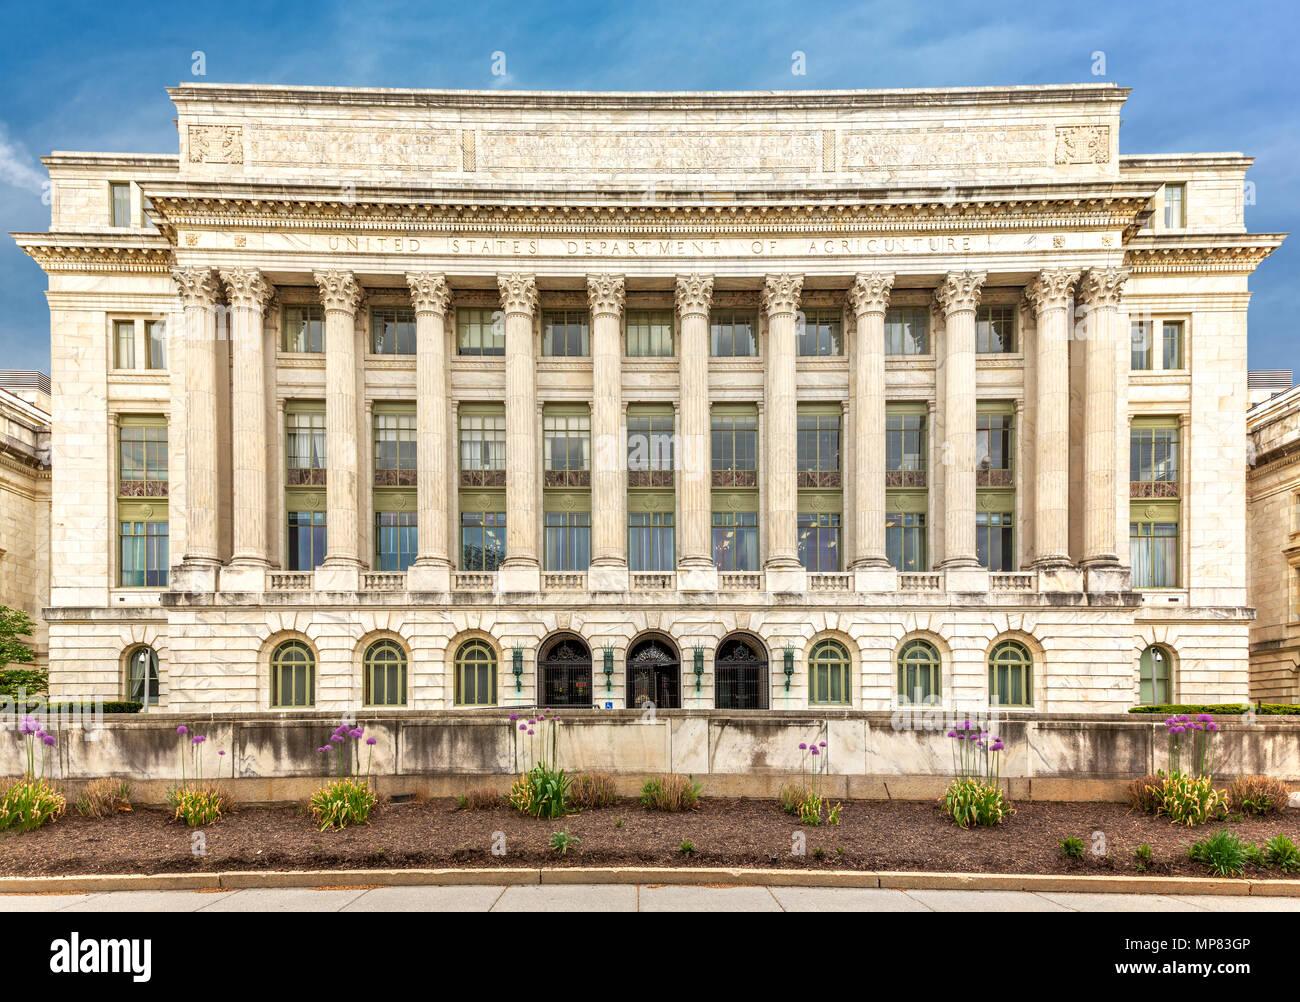 Das US-Landwirtschaftsministerium Gebäude (aka die Jamie L. Whitten) in Washington DC. Stockbild